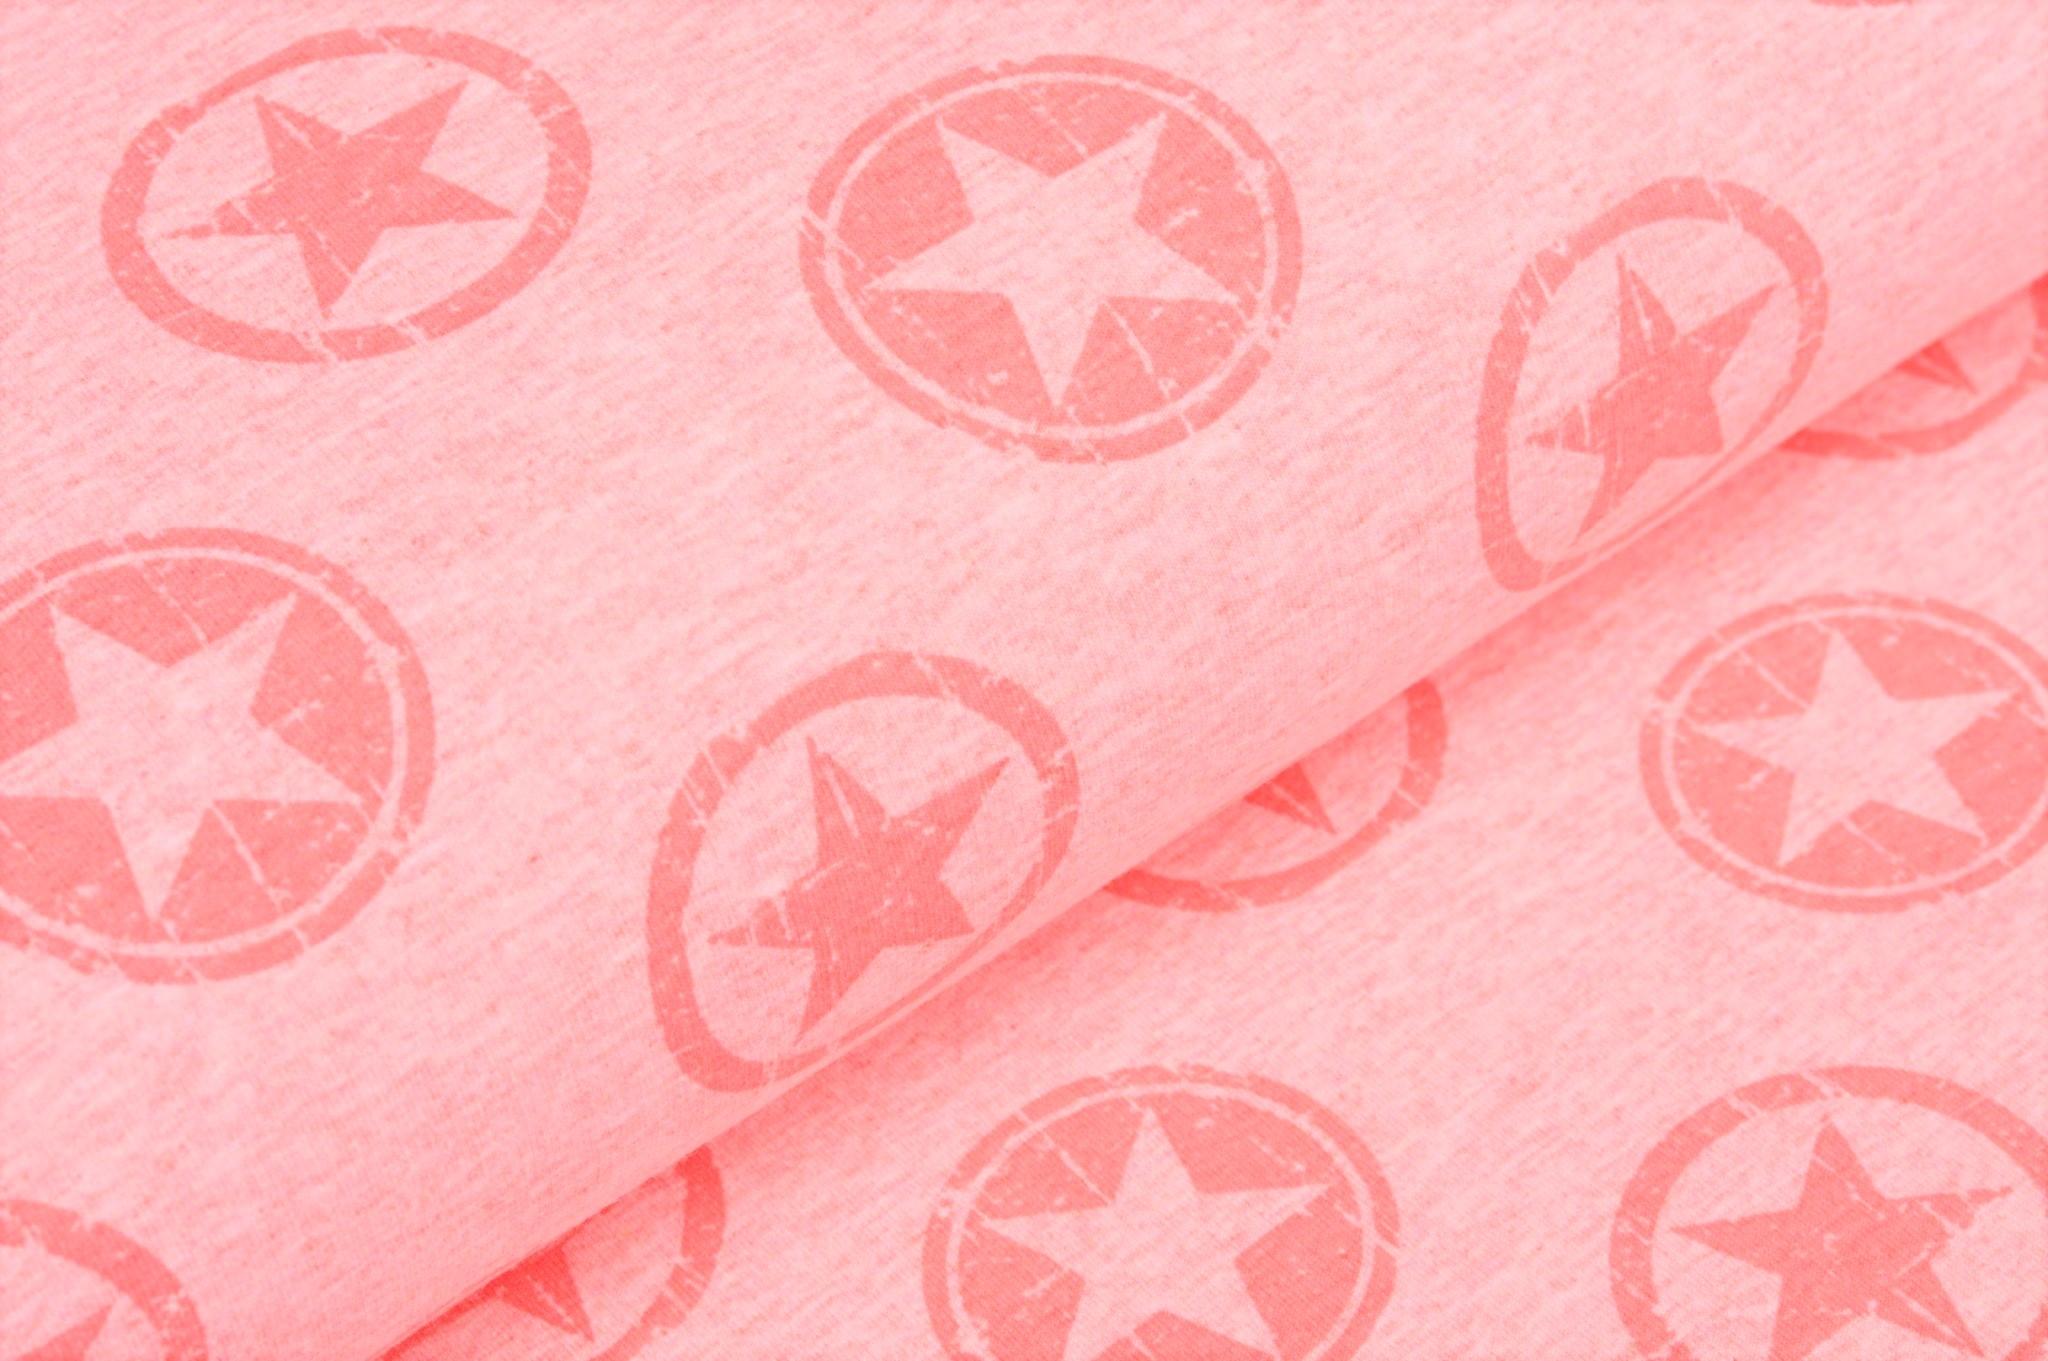 Sommersweat rosa meliert mit Sternen im Kreis